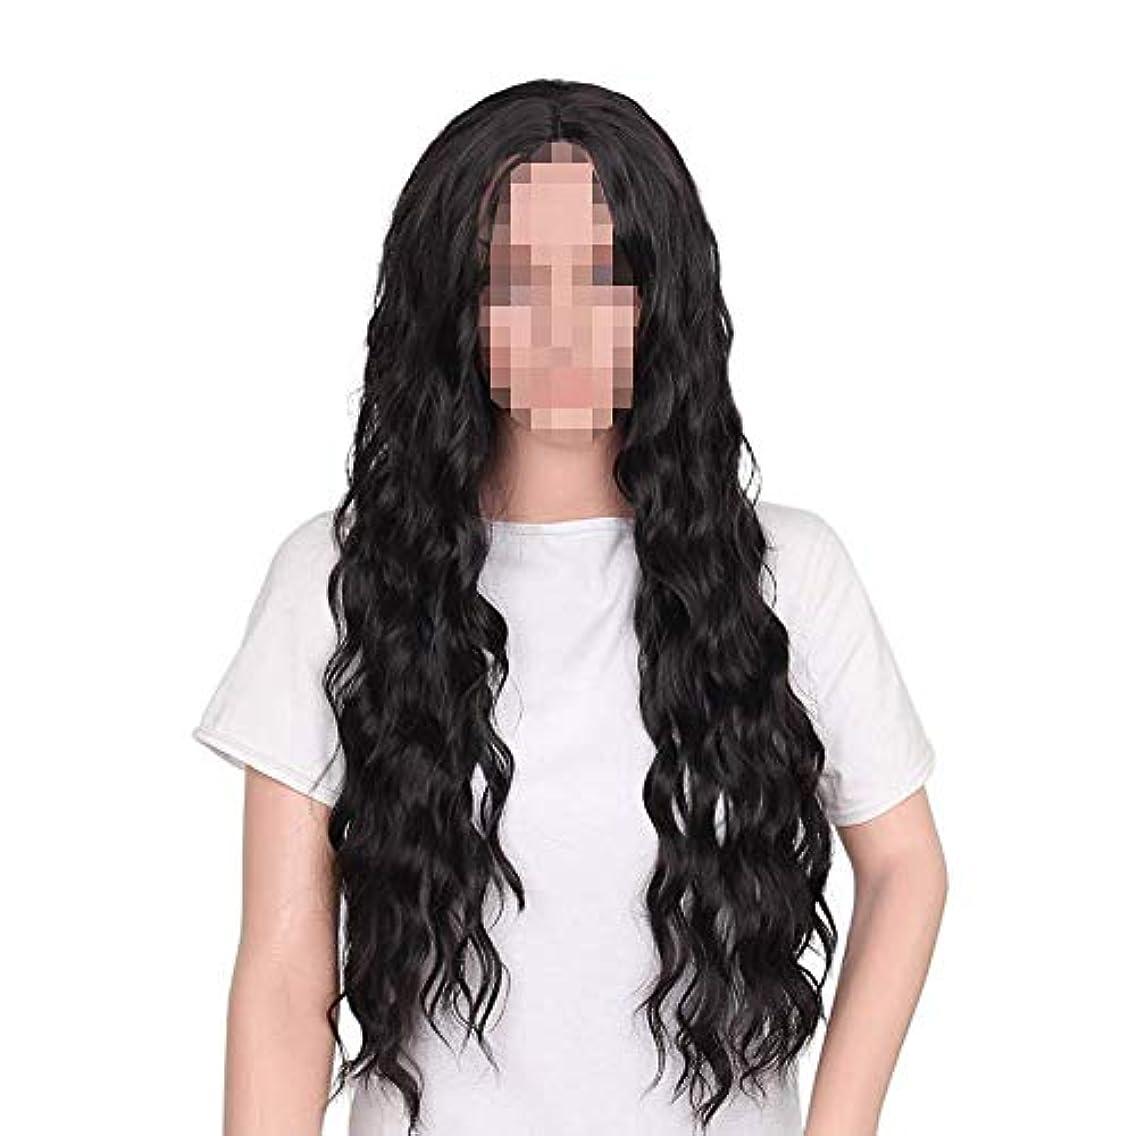 保持するスキャンインシュレータ水の波のかつら/女性モデル/人工毛の高温繊維/女性のための長い波状のかつら耐熱繊維/自然な毎日のかつら,Black